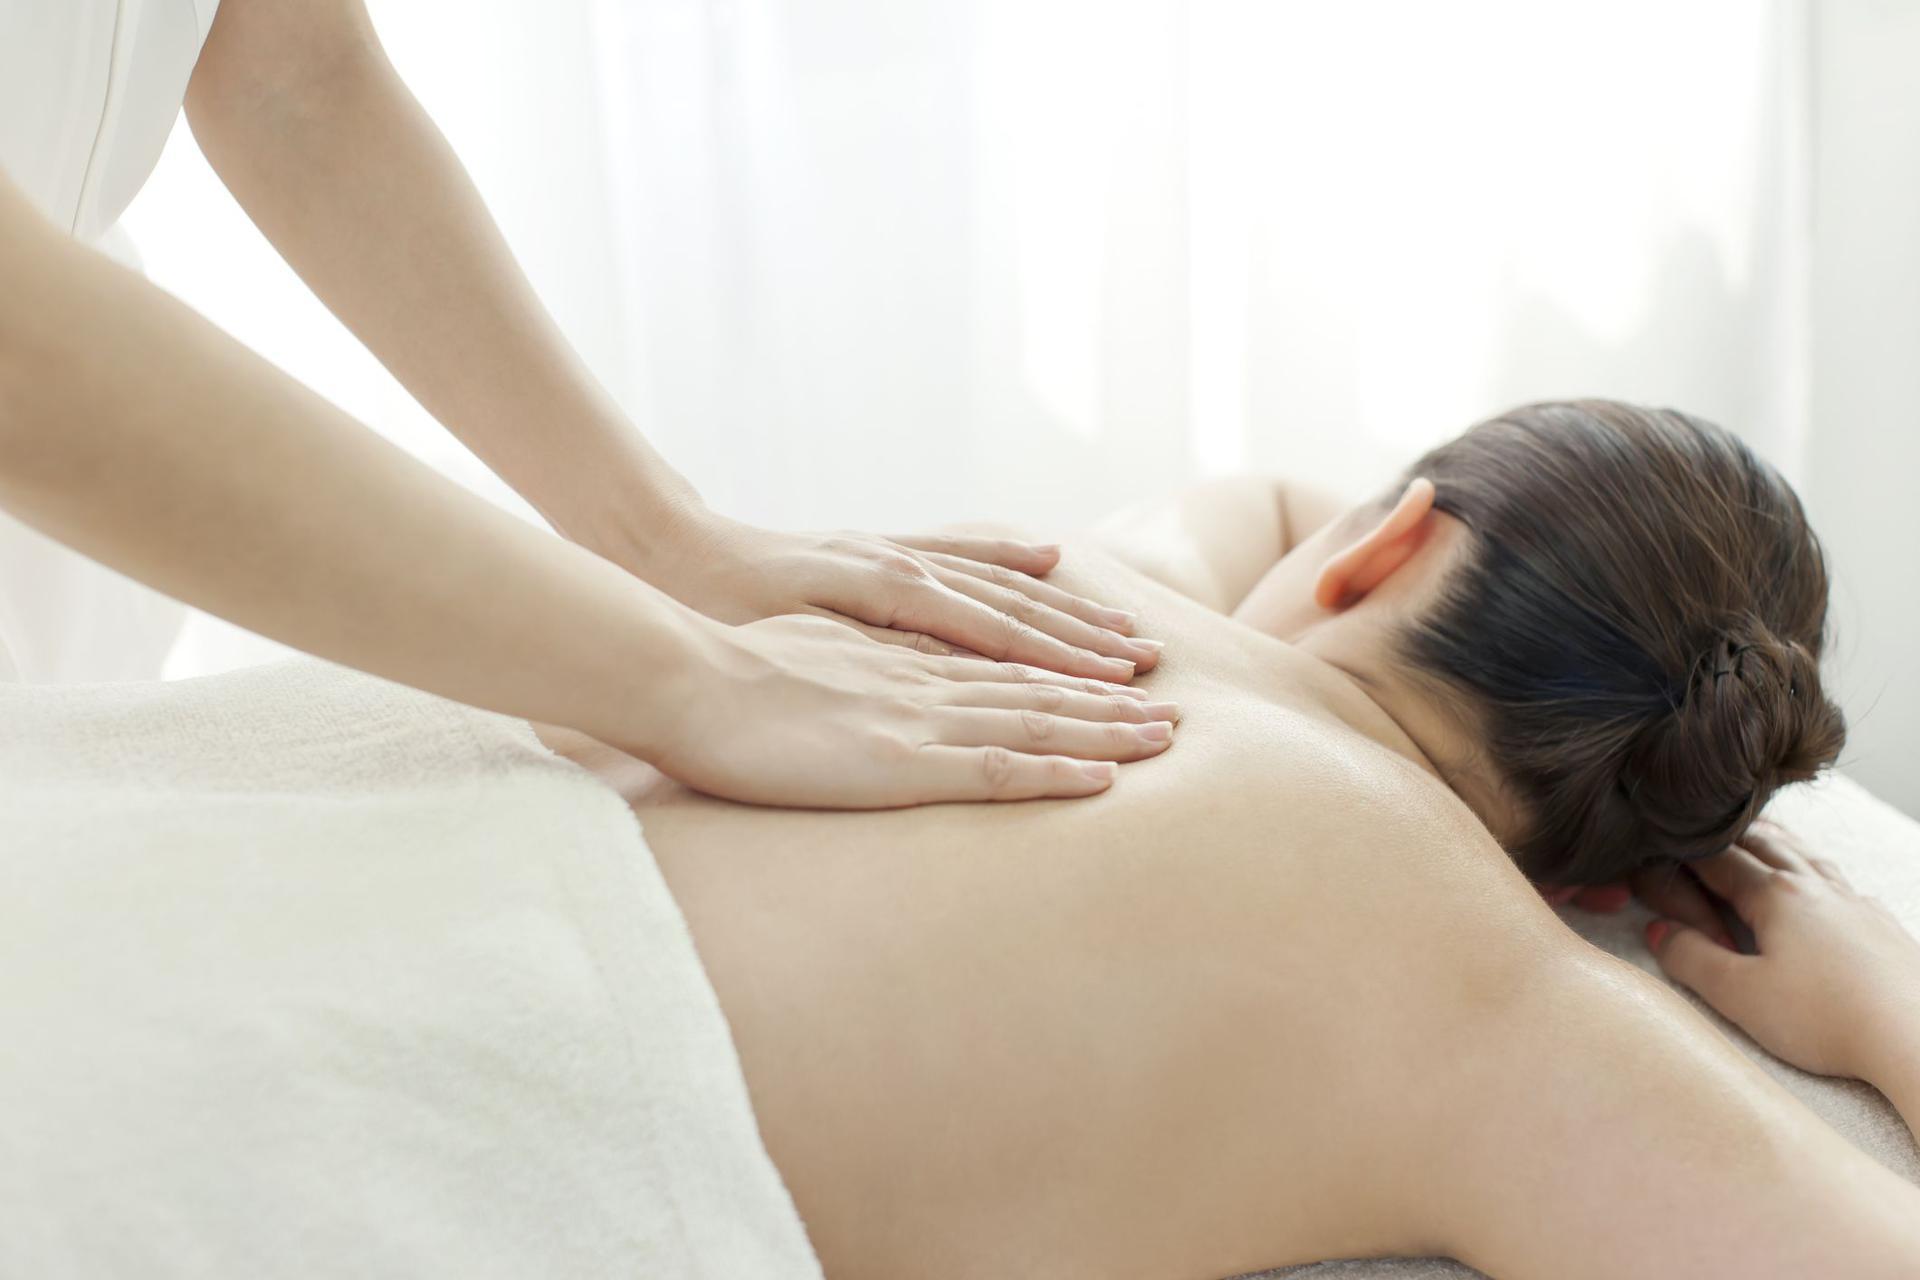 Japoński masaż ciała seks